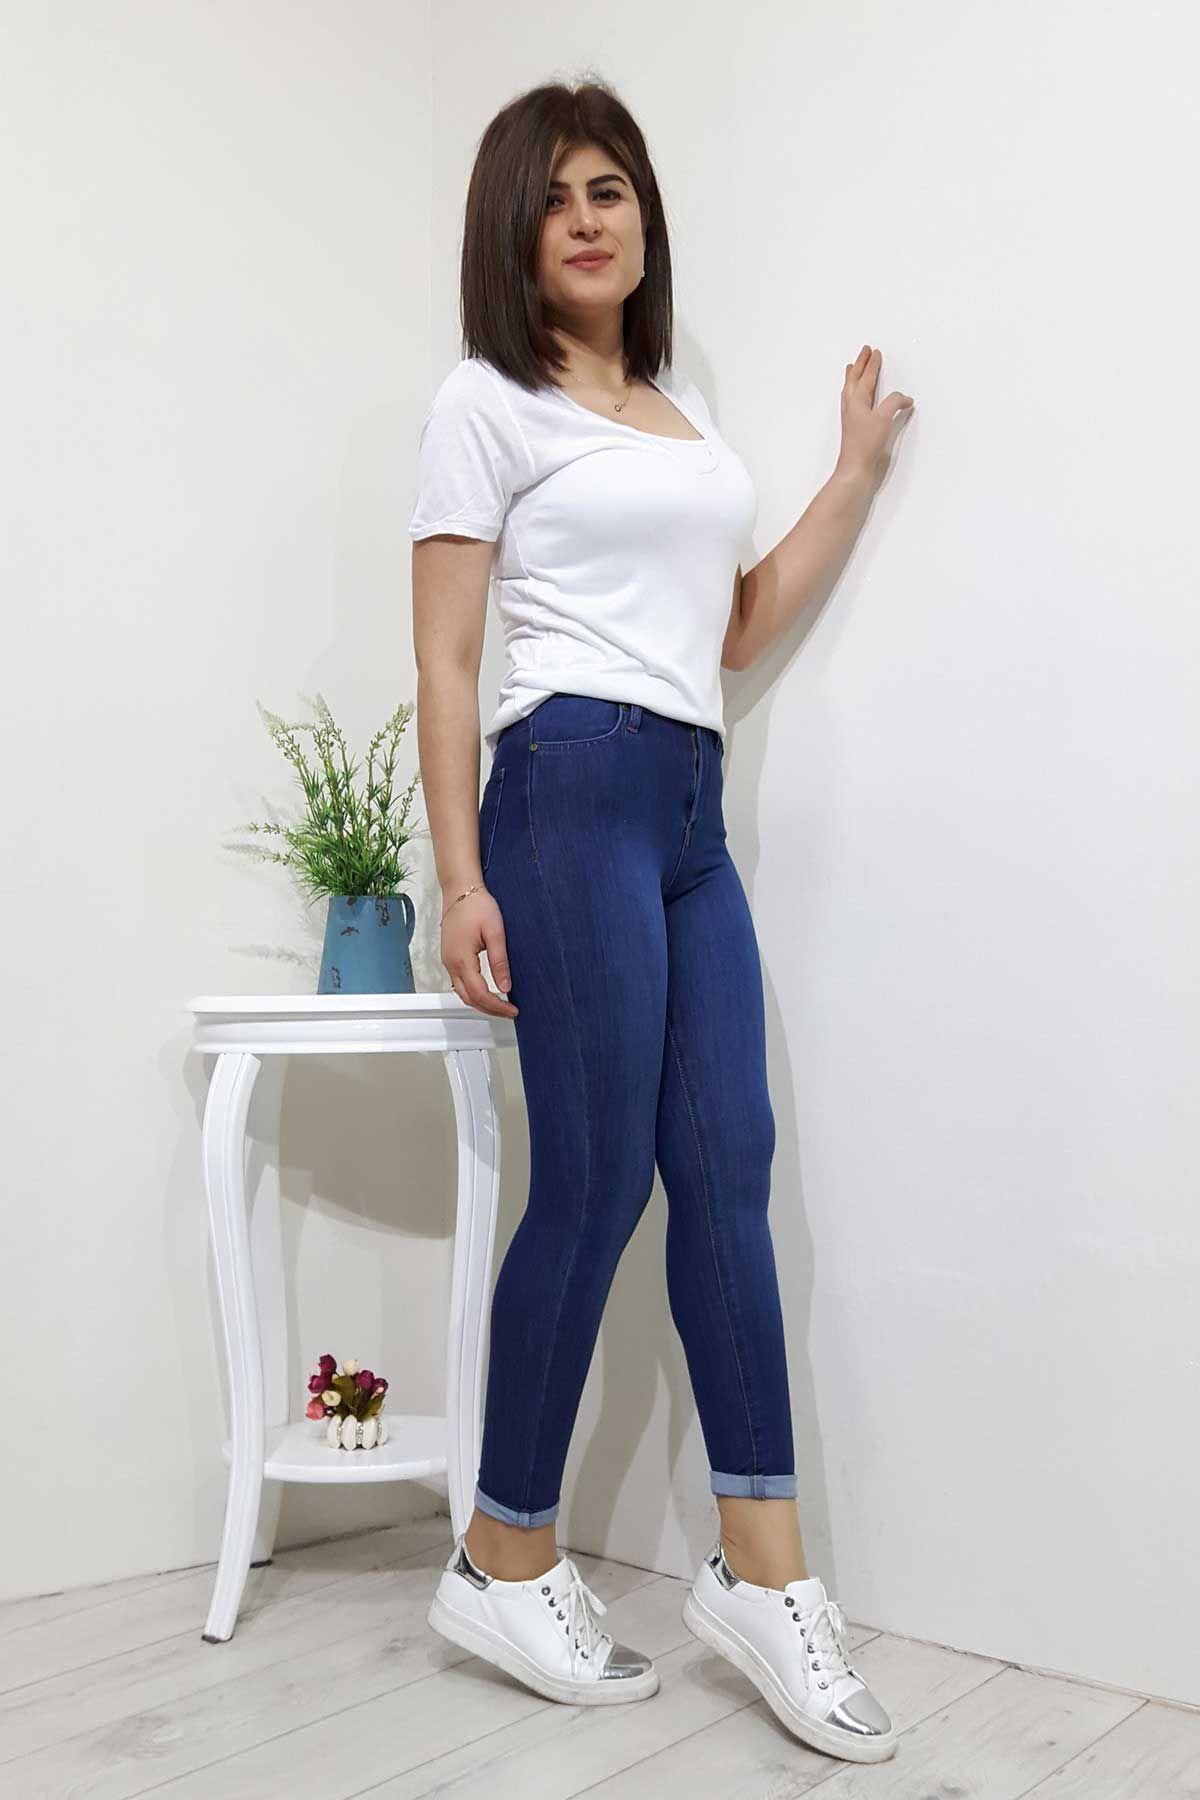 Yuksek Bel Cepli Jeans Bayan Kot Pantolon Giyim Kadin Giyim Pantolon